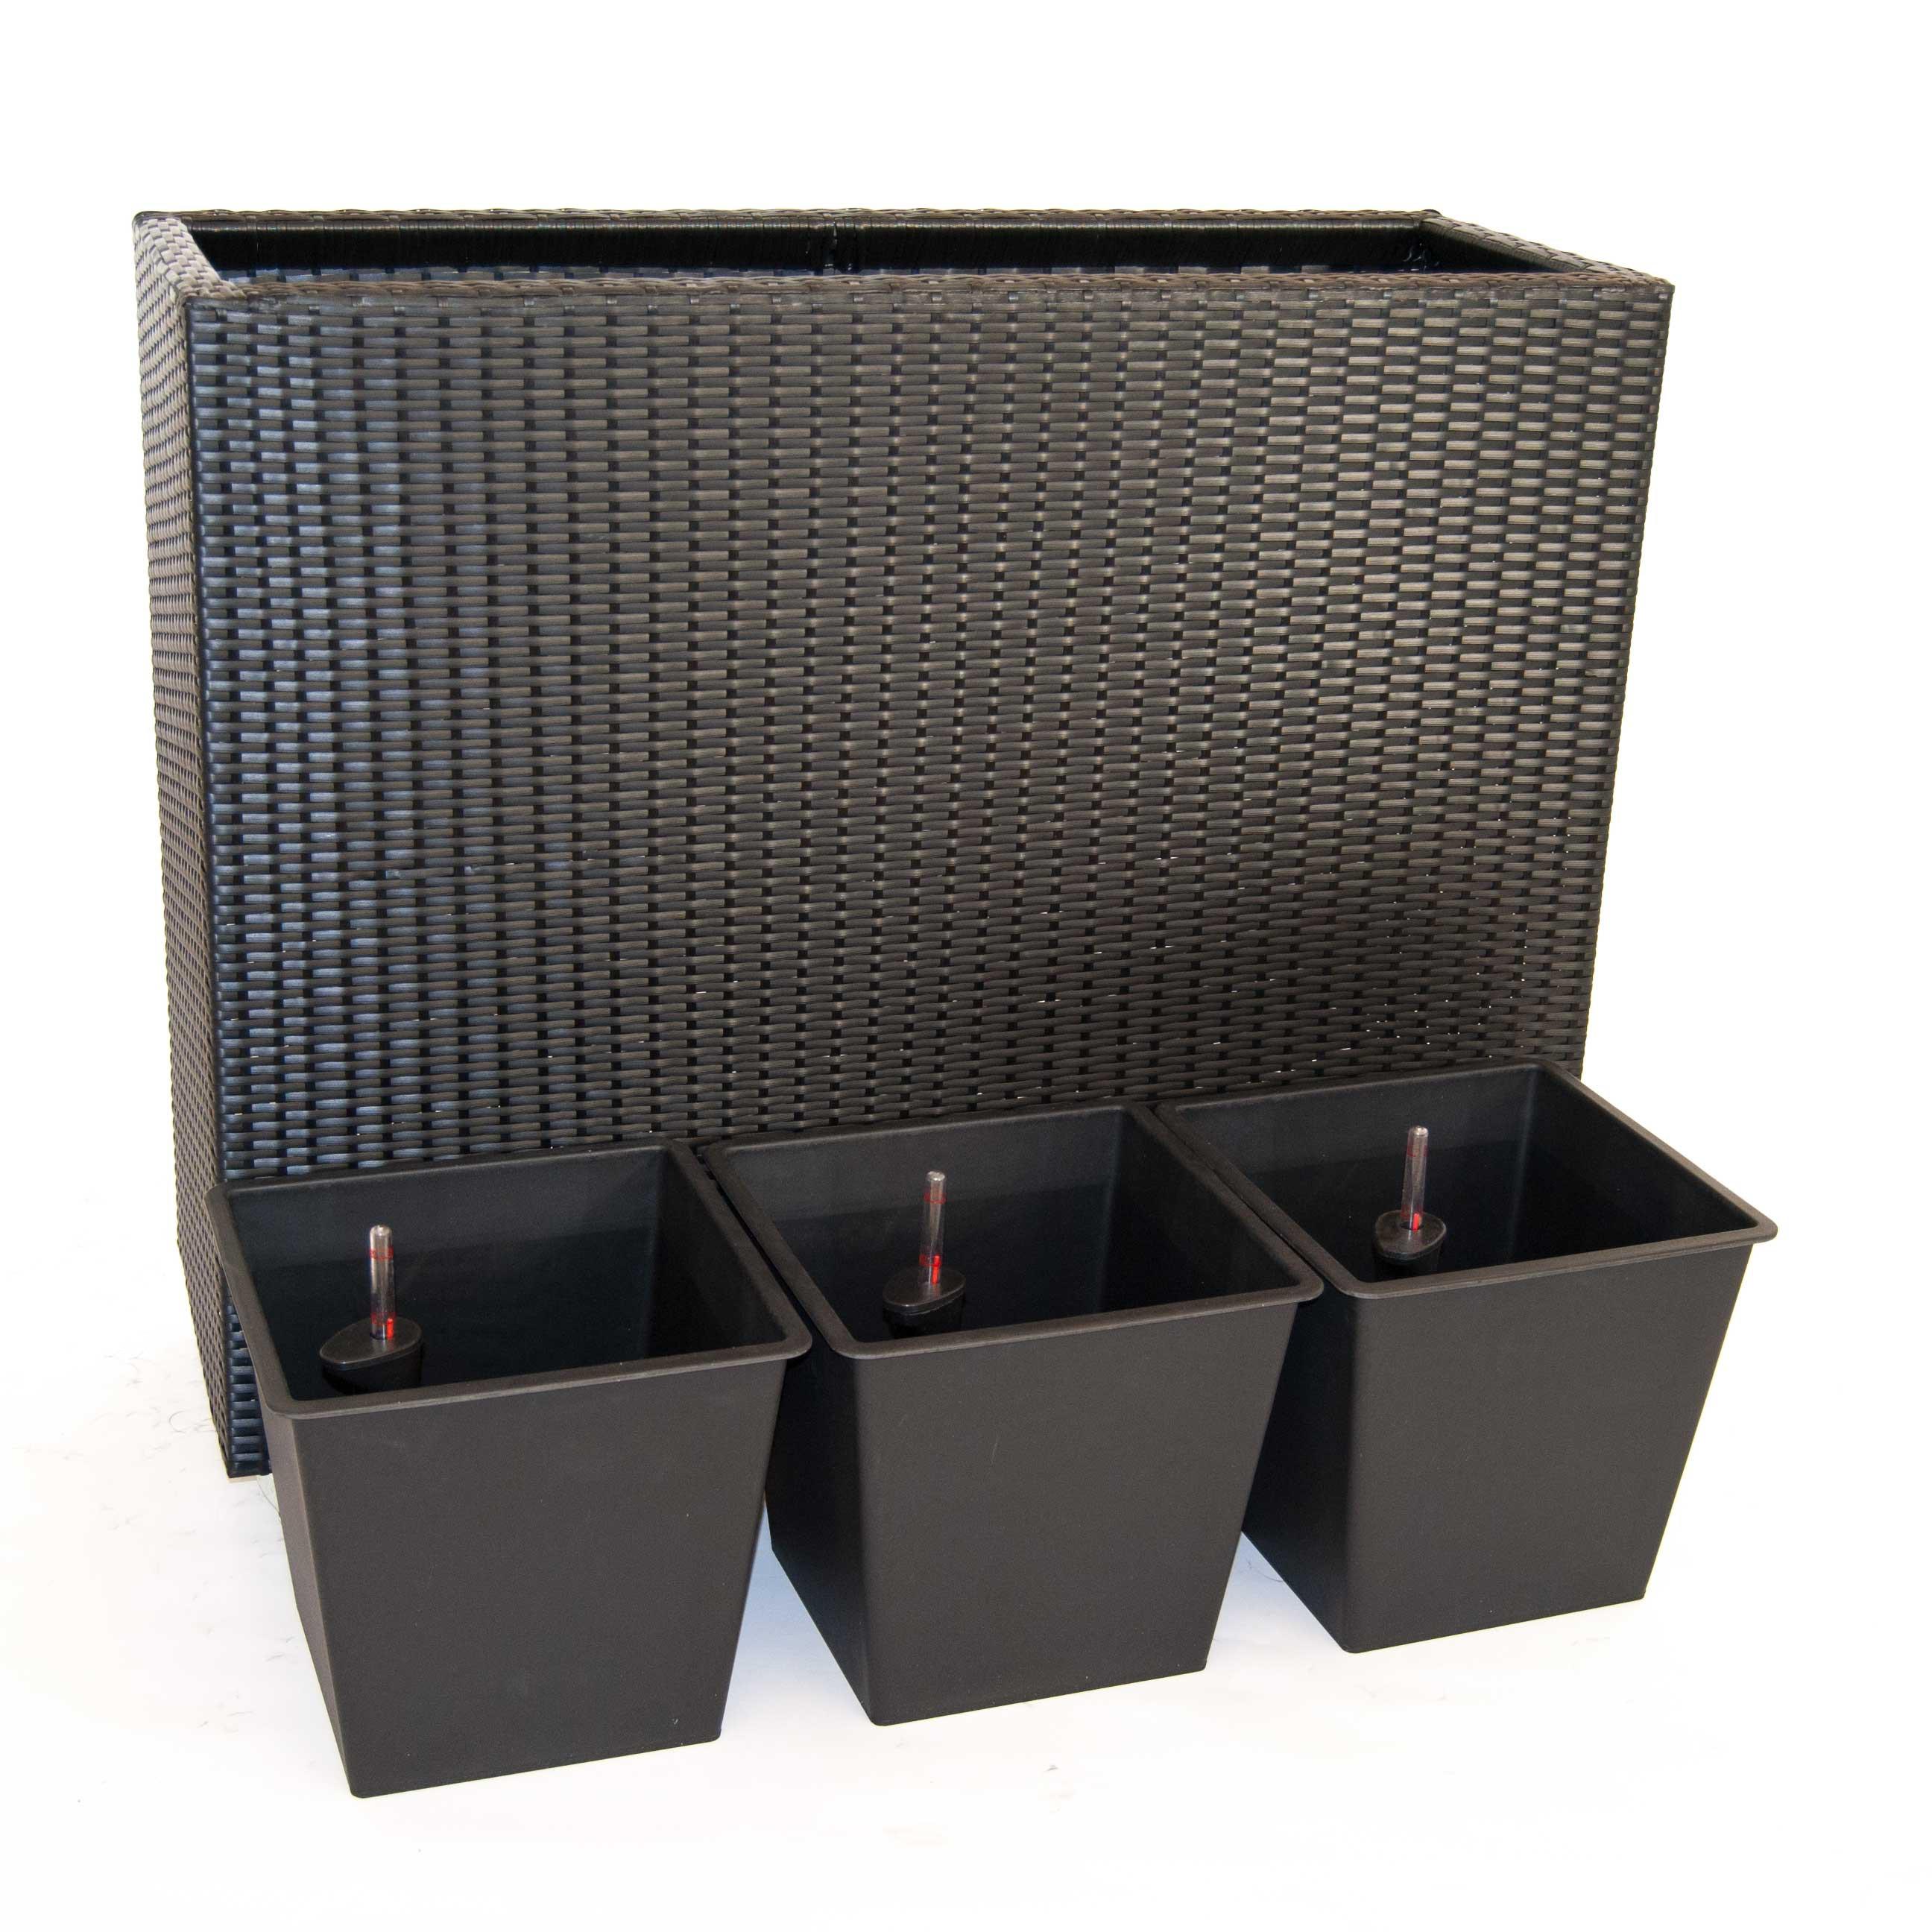 pflanzk bel pflanztrog polyrattan als raumteiler mit rollen 106x40x90cm schwarz. Black Bedroom Furniture Sets. Home Design Ideas